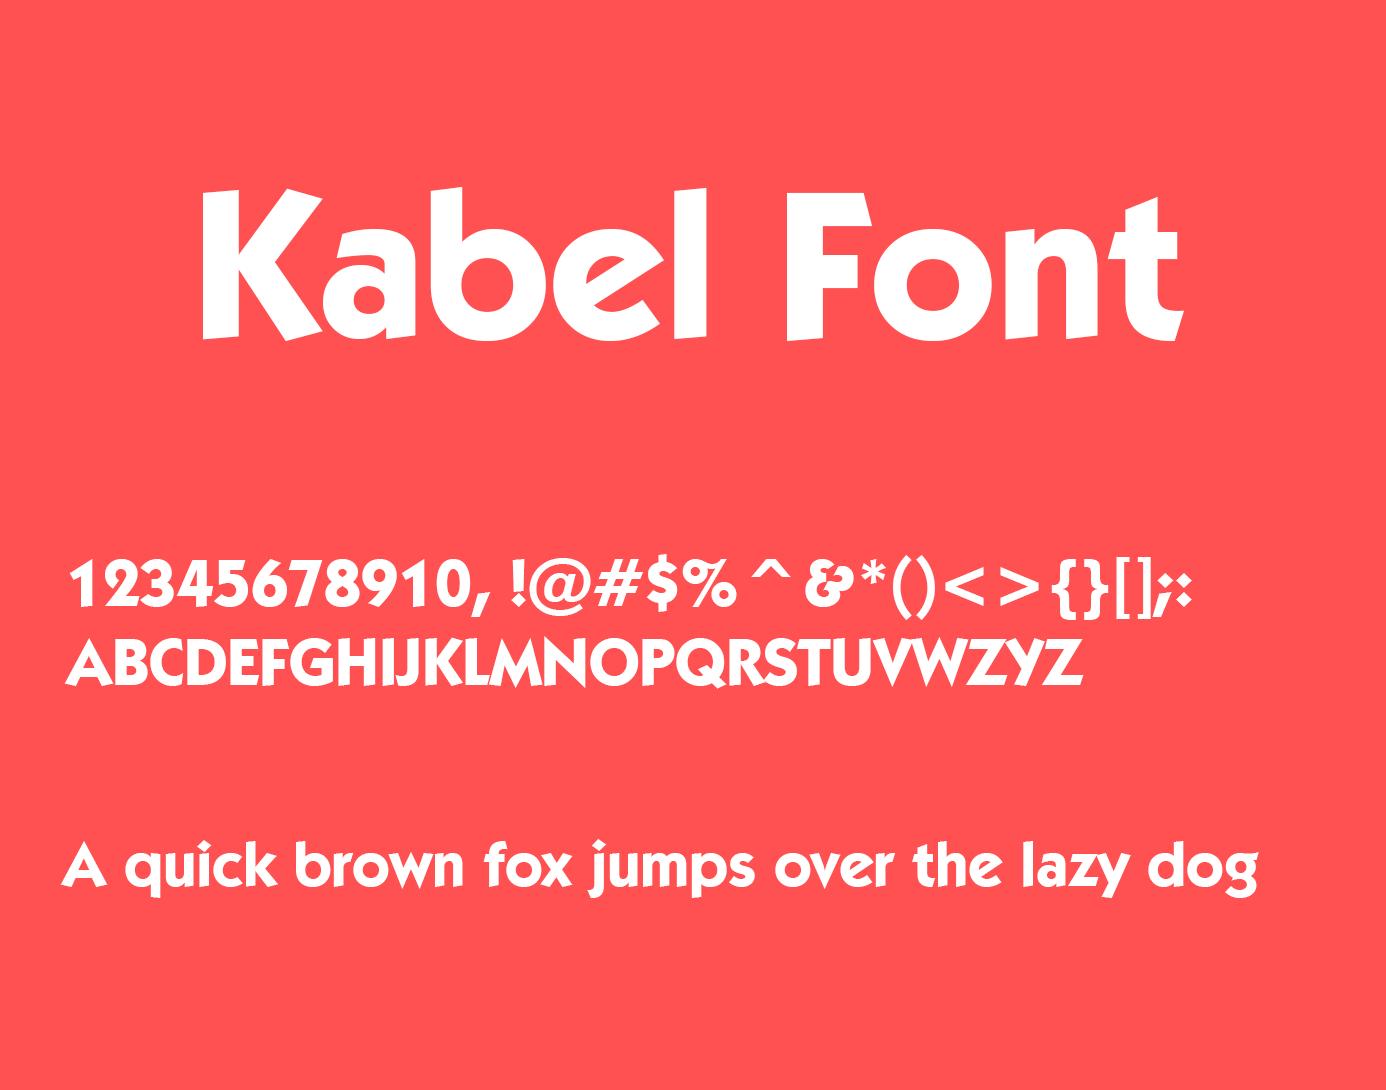 Kabel Font